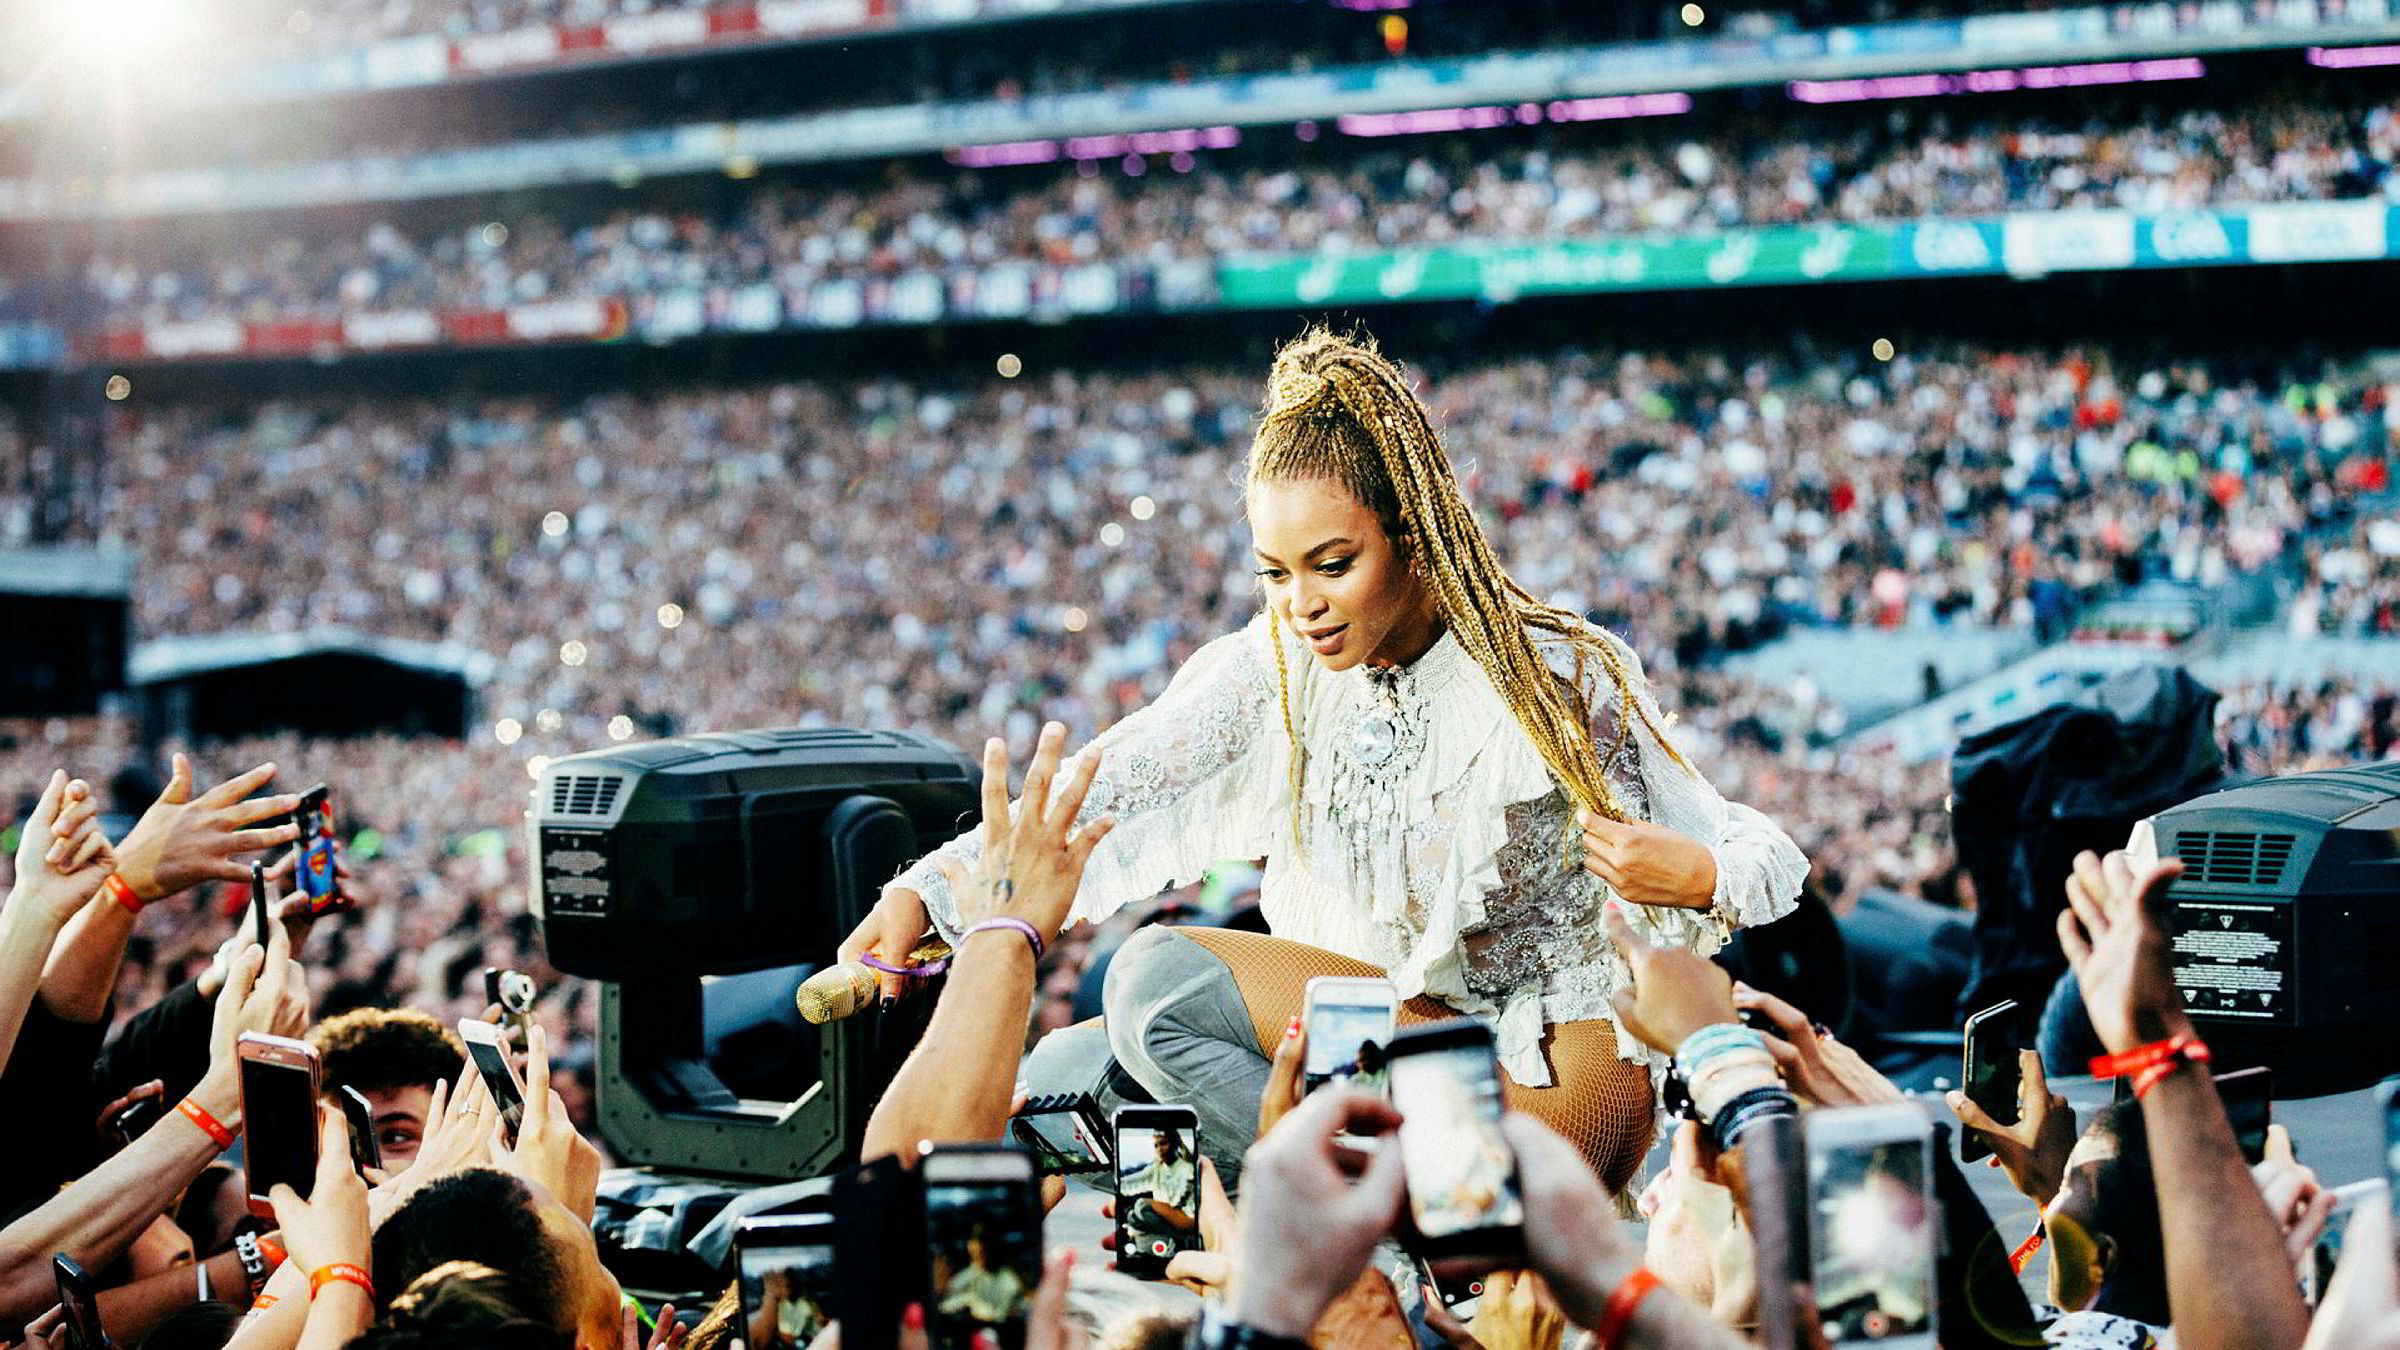 Beyoncés «Lemonade» ble lansert eksklusivt på Tidal i april 2016. I løpet av 15 dager skal albumet ha blitt lyttet til 306 millioner ganger. Her opptrer Beyoncé i Dublin på den etterføl- gende turneen samme år.